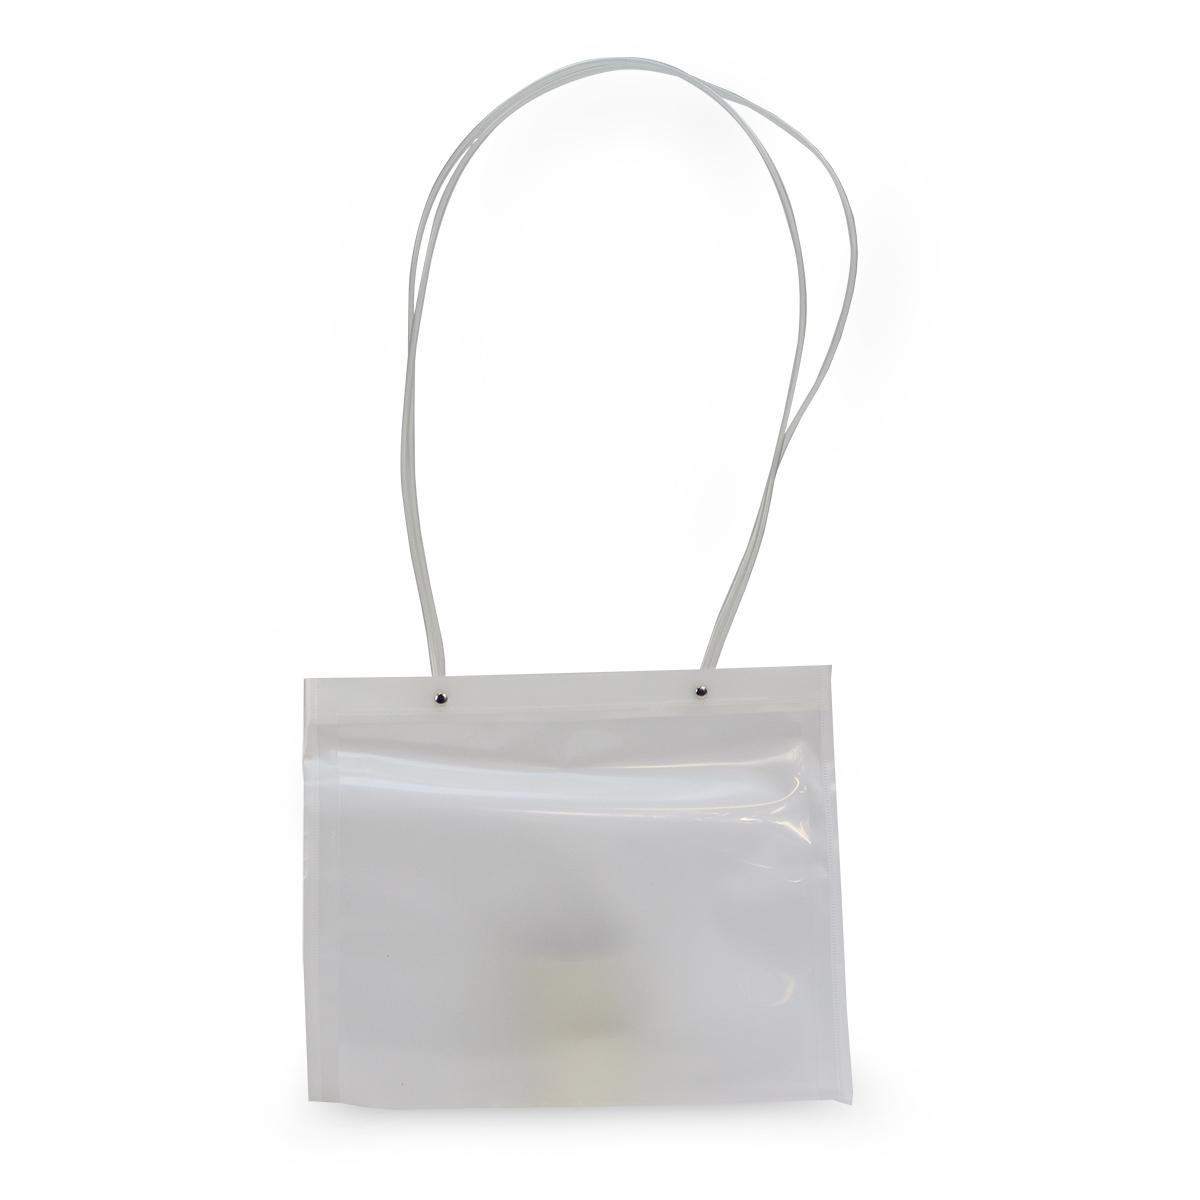 plastictassen-metvenster-langekoorden-wit-product